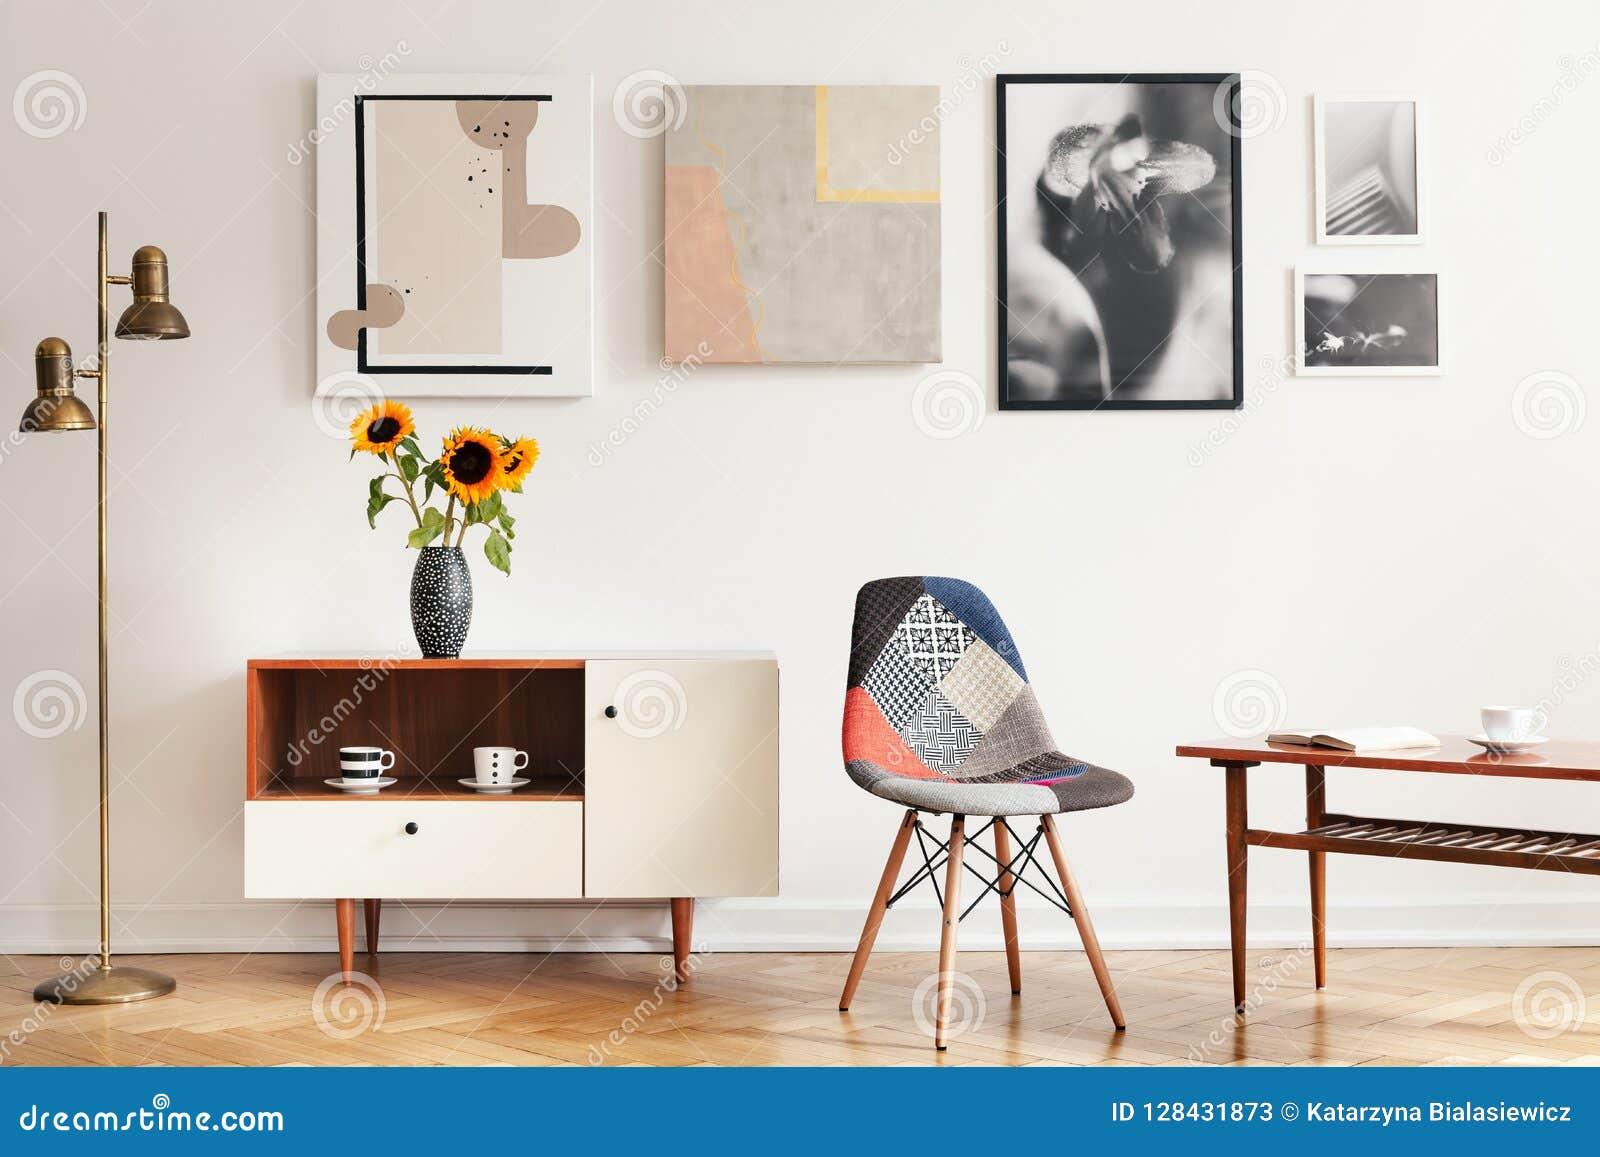 Echte foto van helder eclectisch woonkamerbinnenland met vele affiches, kleurrijke stoel, houten kast met bloemen en koffie tabl